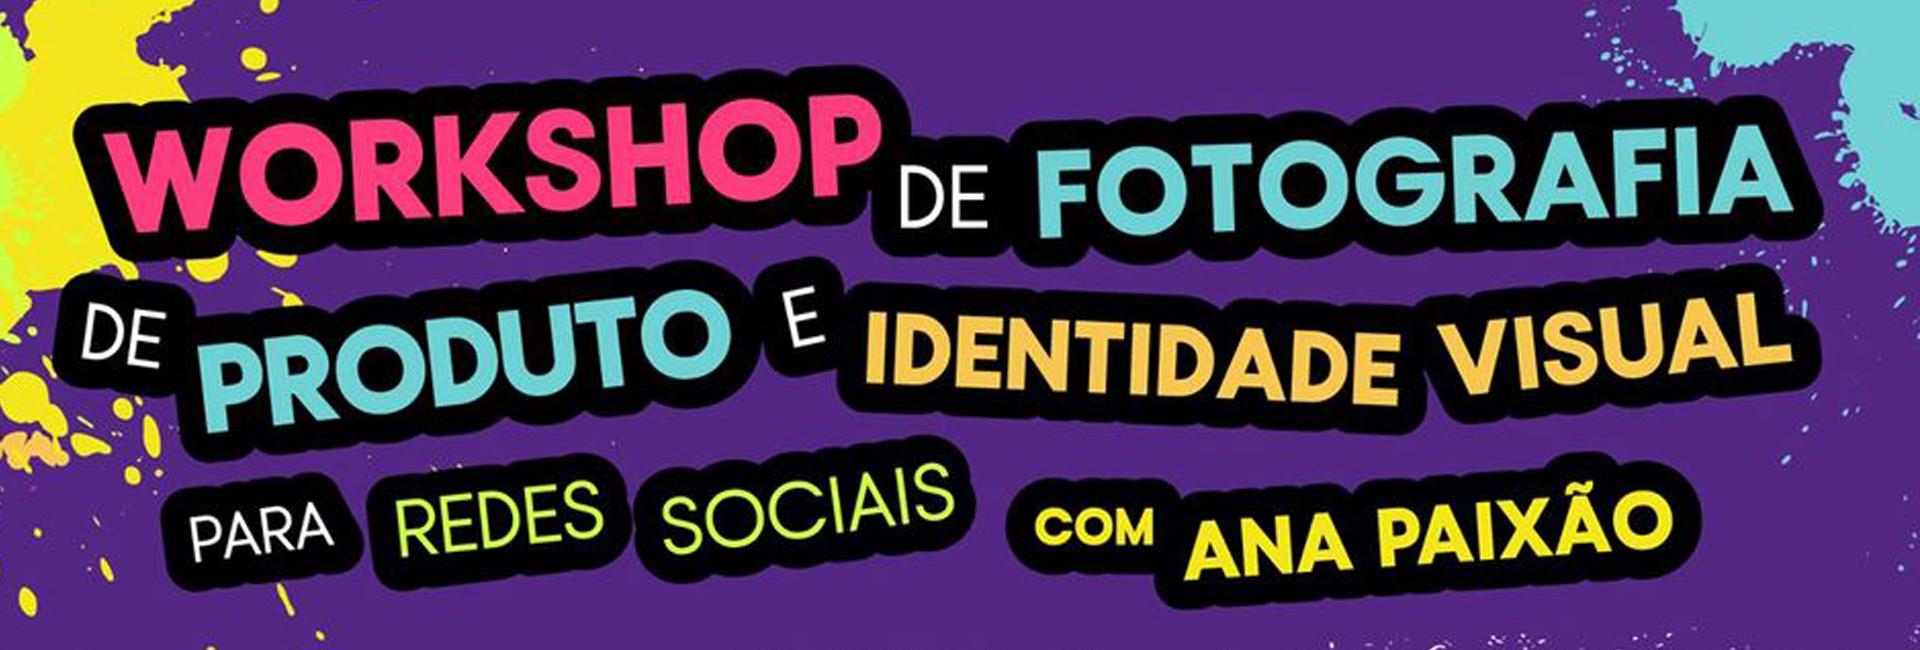 Workshop de Fotografia de Produto e Identidade Visual